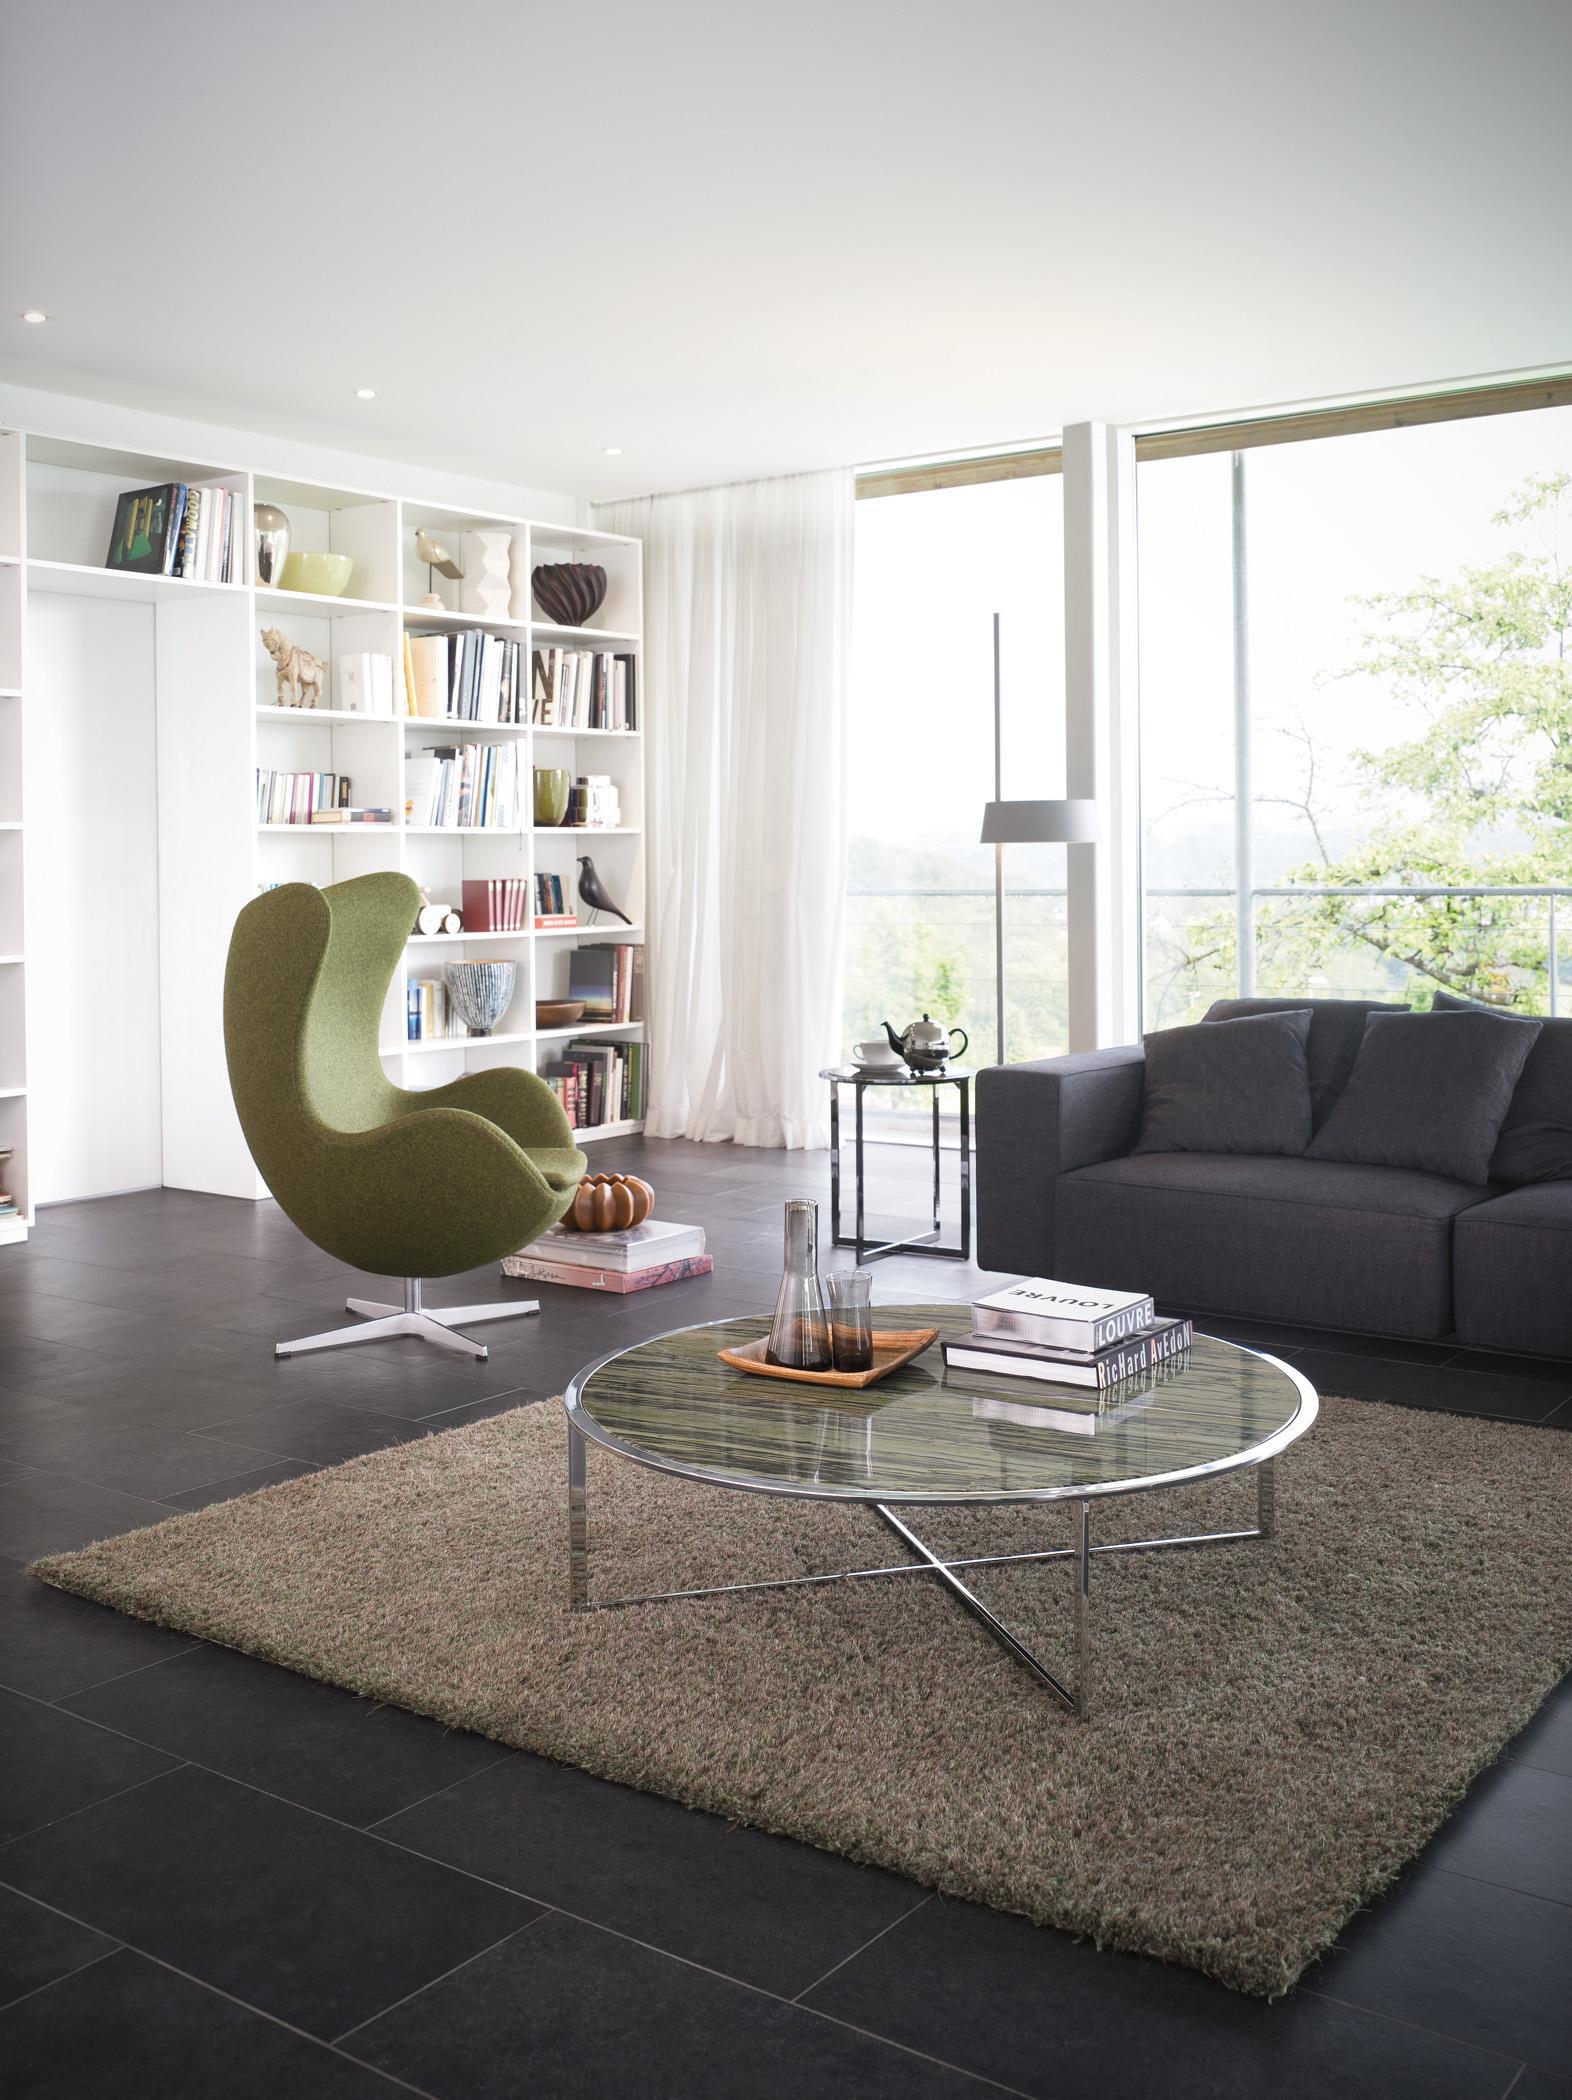 Modernes wohnzimmer bilder ideen couchstyle for Moderne wohnzimmer